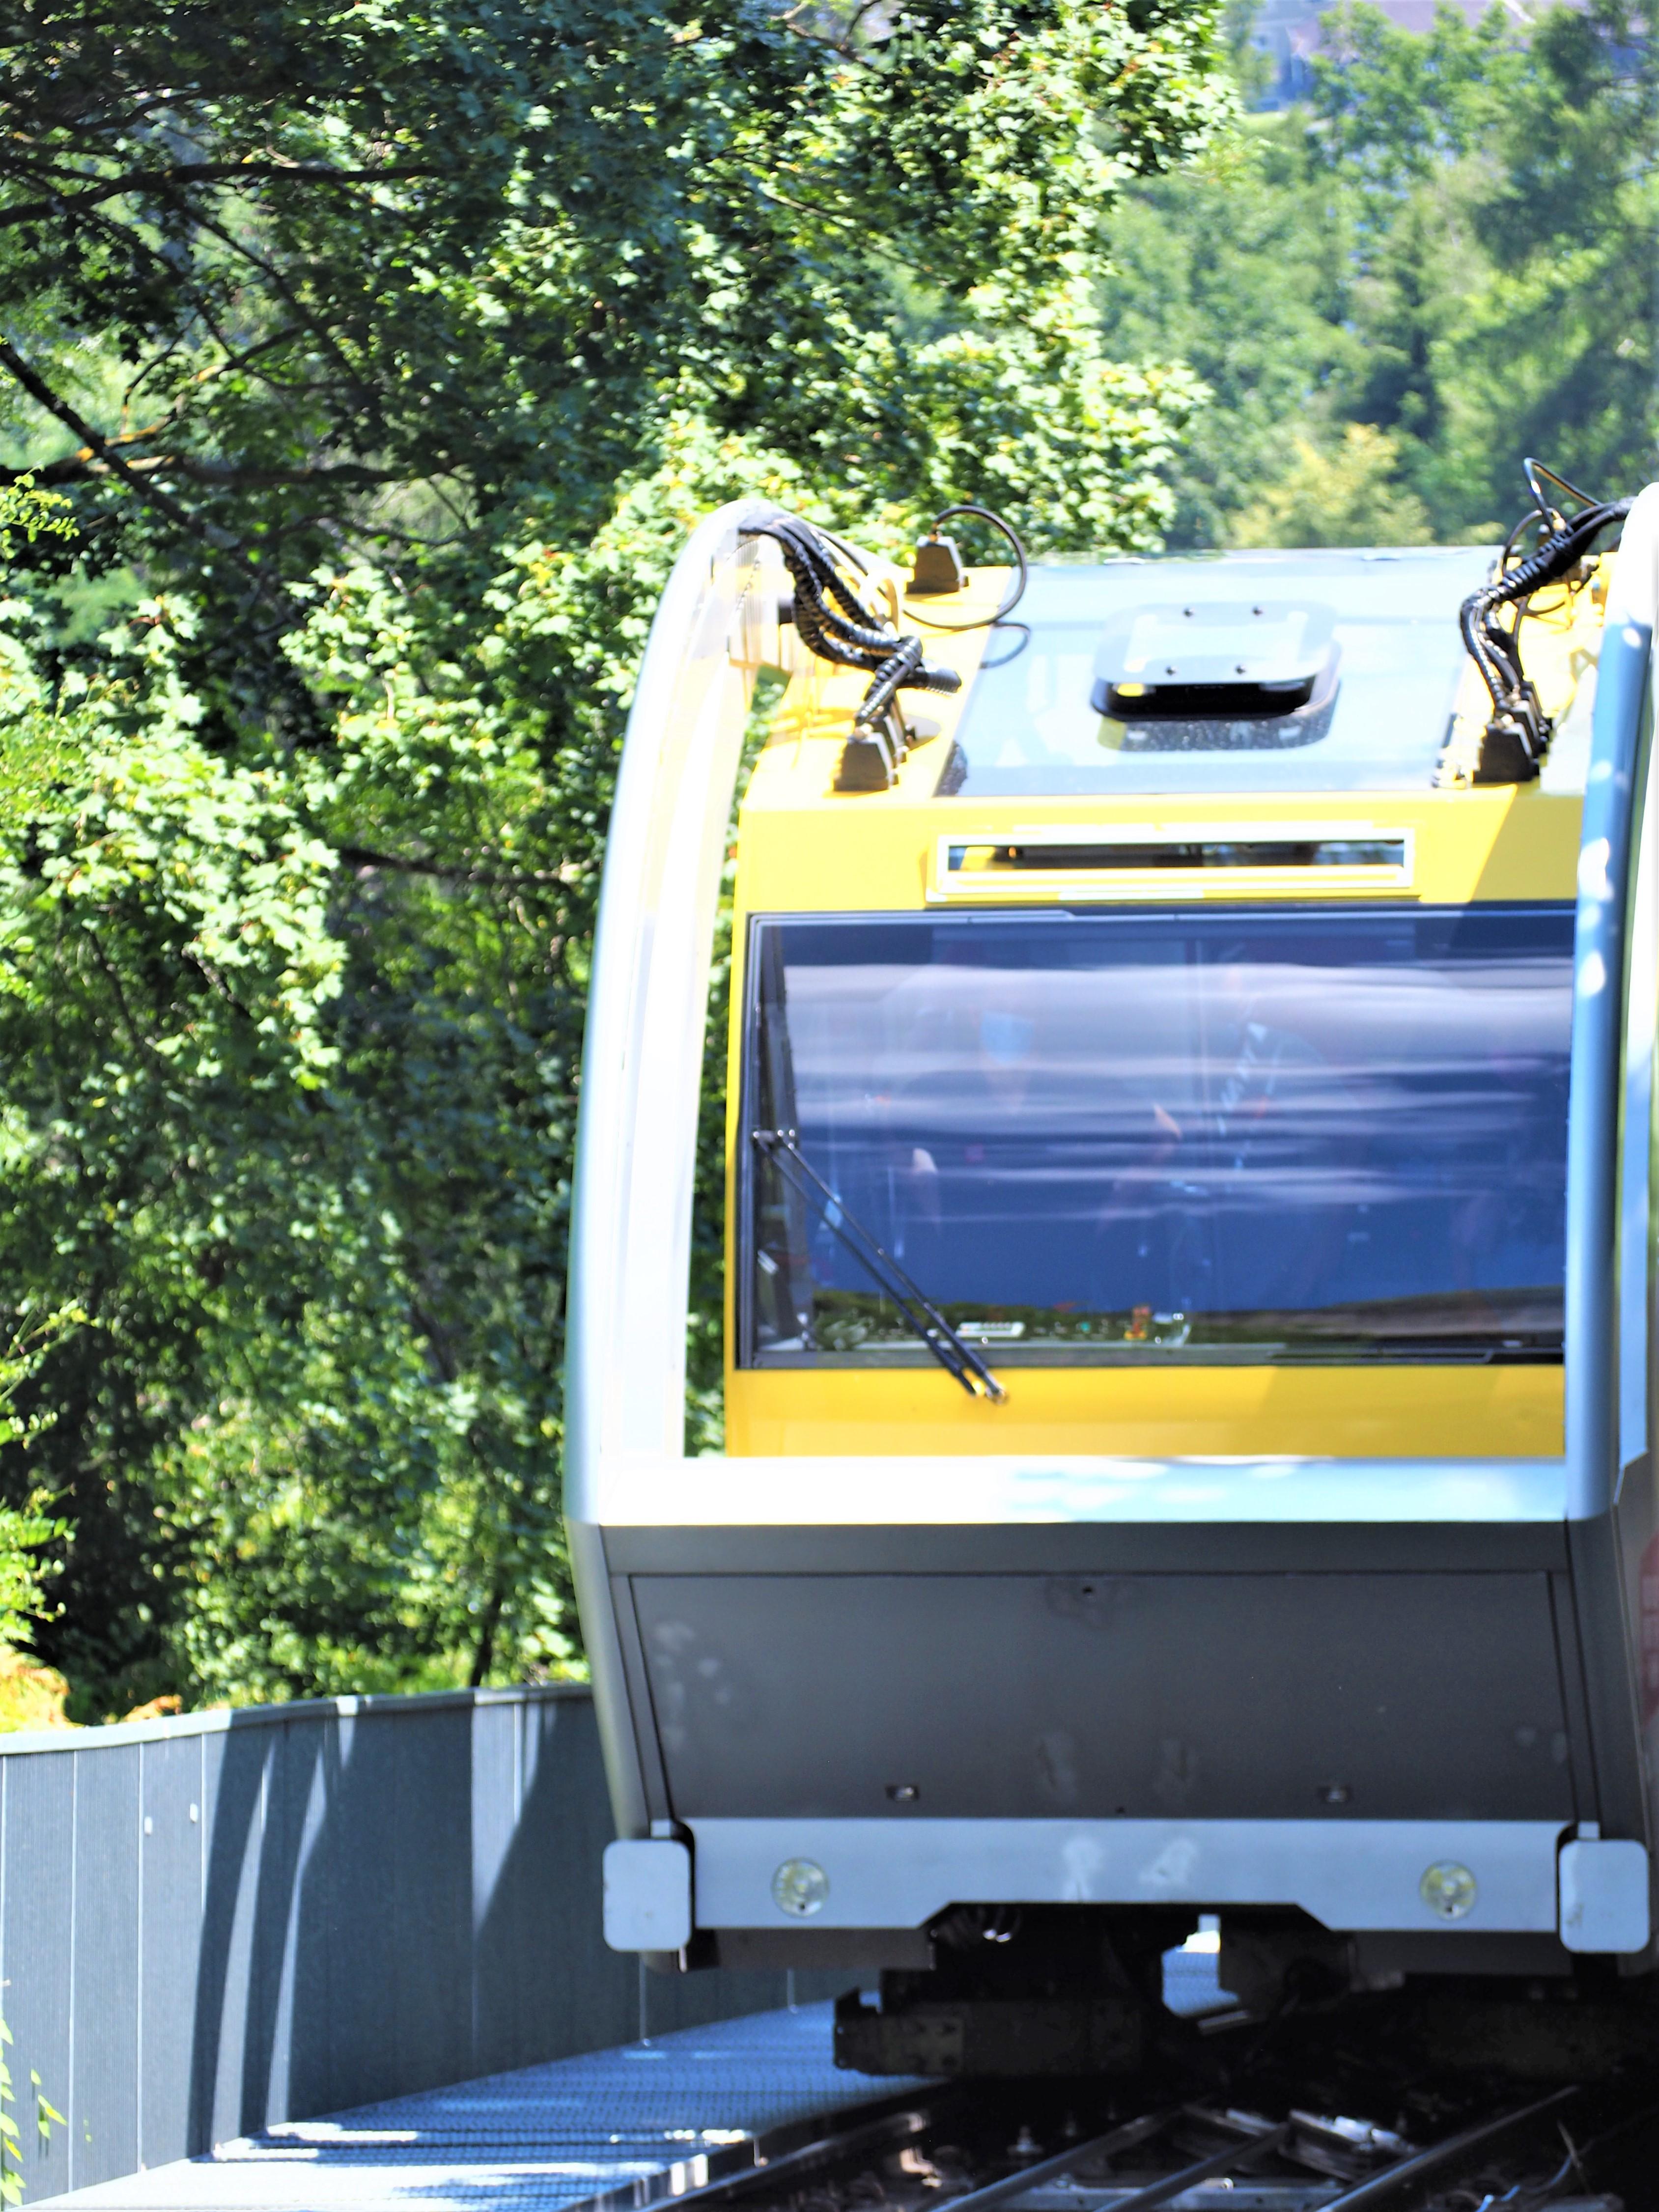 innsbruck-nordkette-train-autriche